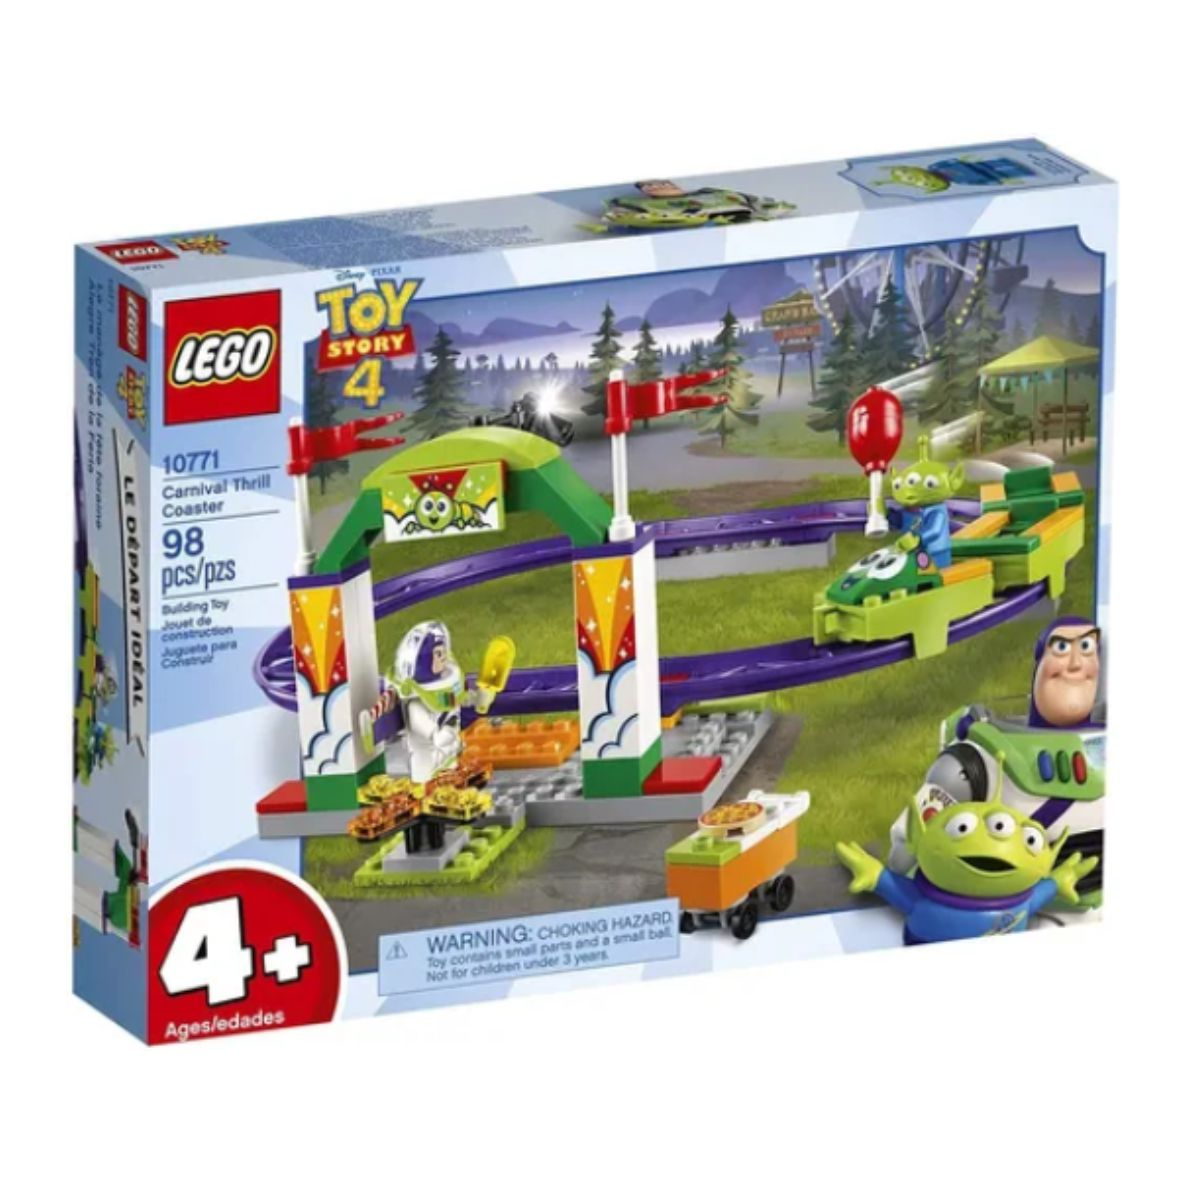 LEGO Juniors Disney - Toy Story 4 - Montanha Russa Emocionante - 10771